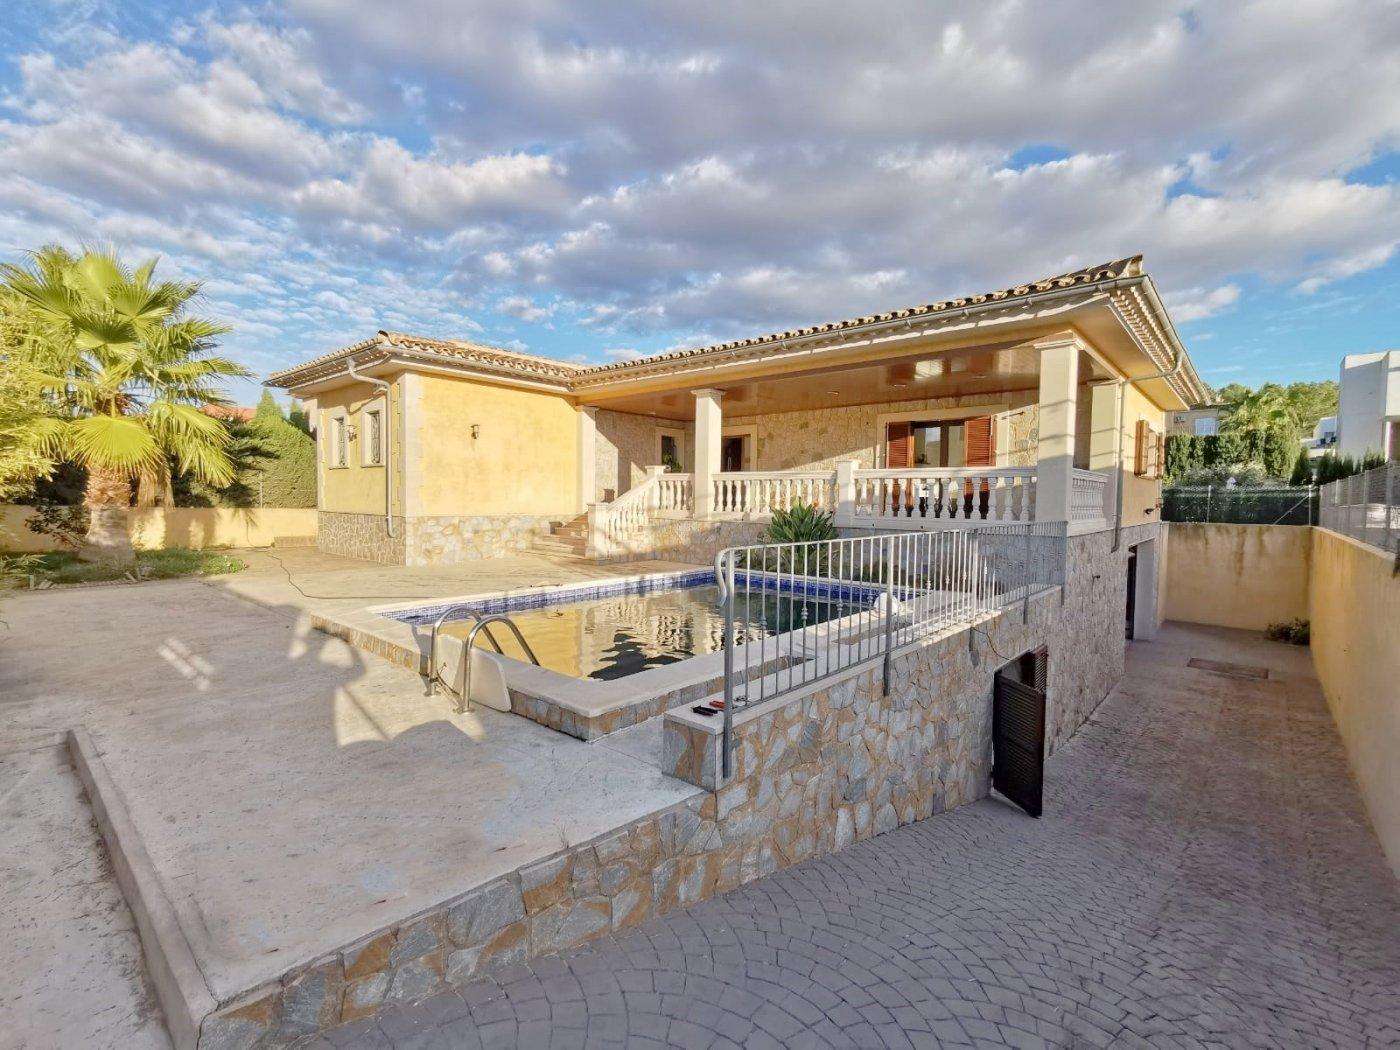 Casa  Marratxí ,sa cabaneta. Chalet en marratxí zona sa cabaneta